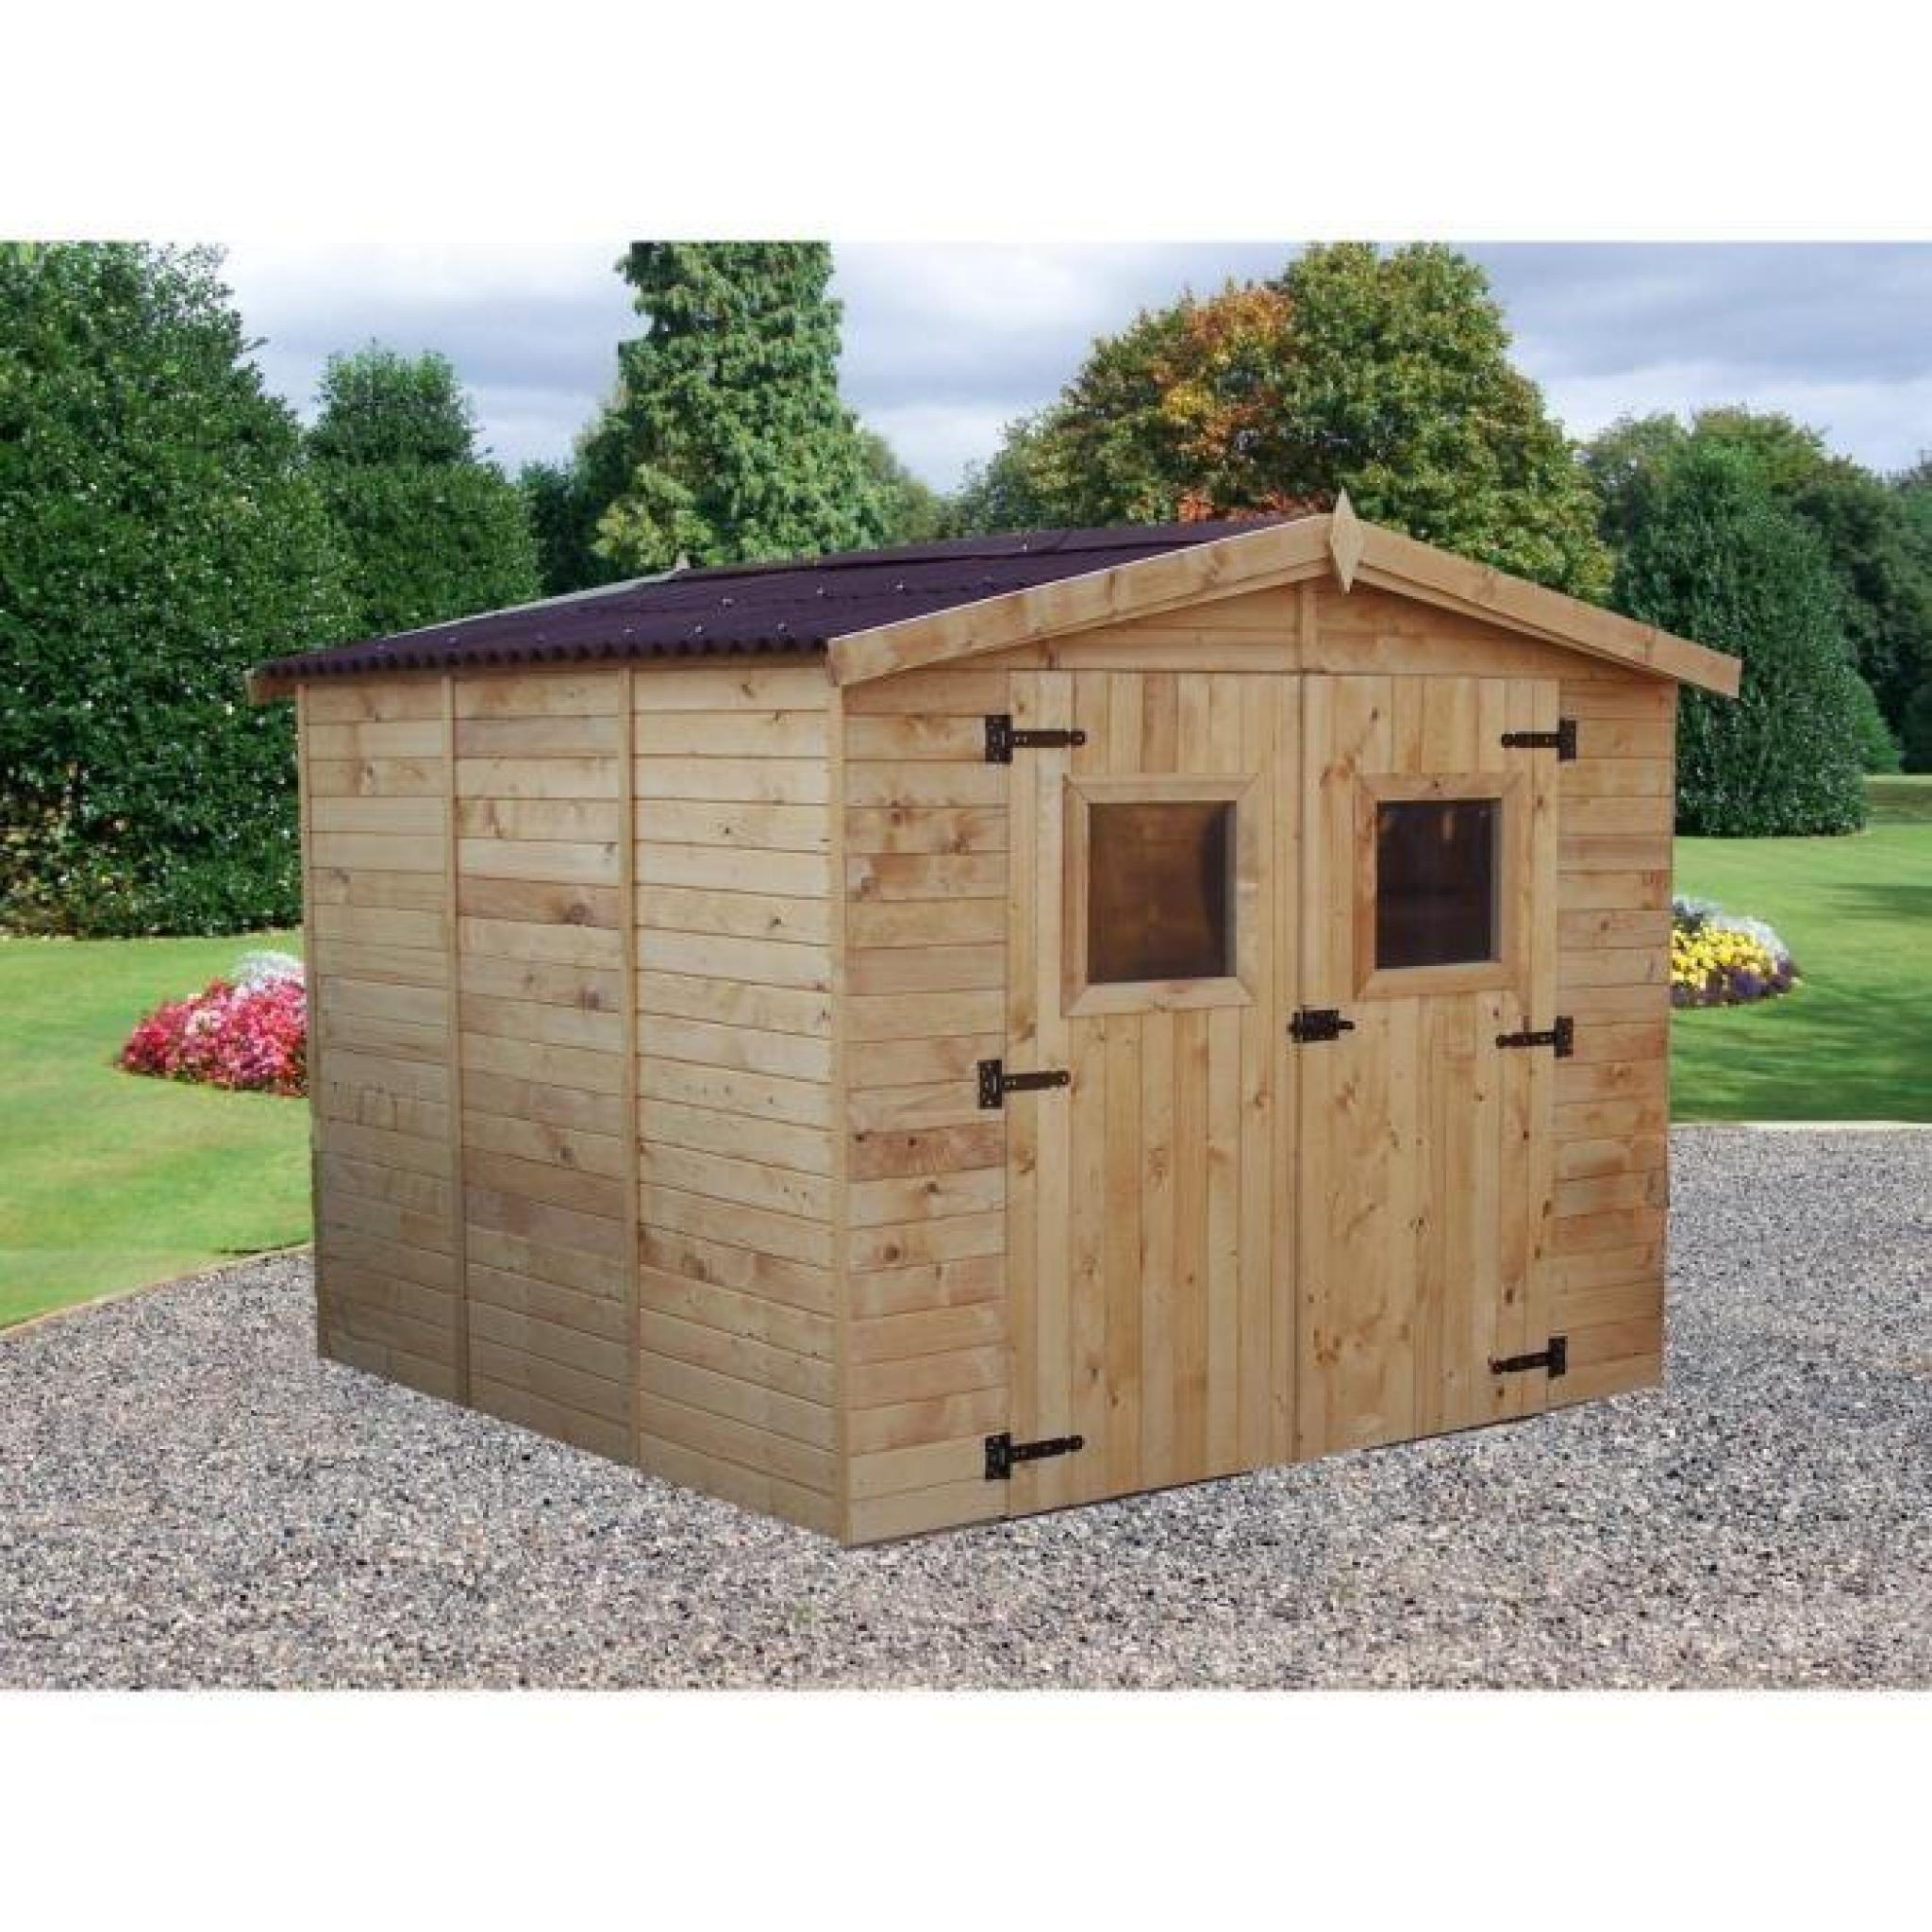 abri de jardin 7 20m en bois toiture en plaques ondul es achat vente abri de jardin en bois. Black Bedroom Furniture Sets. Home Design Ideas